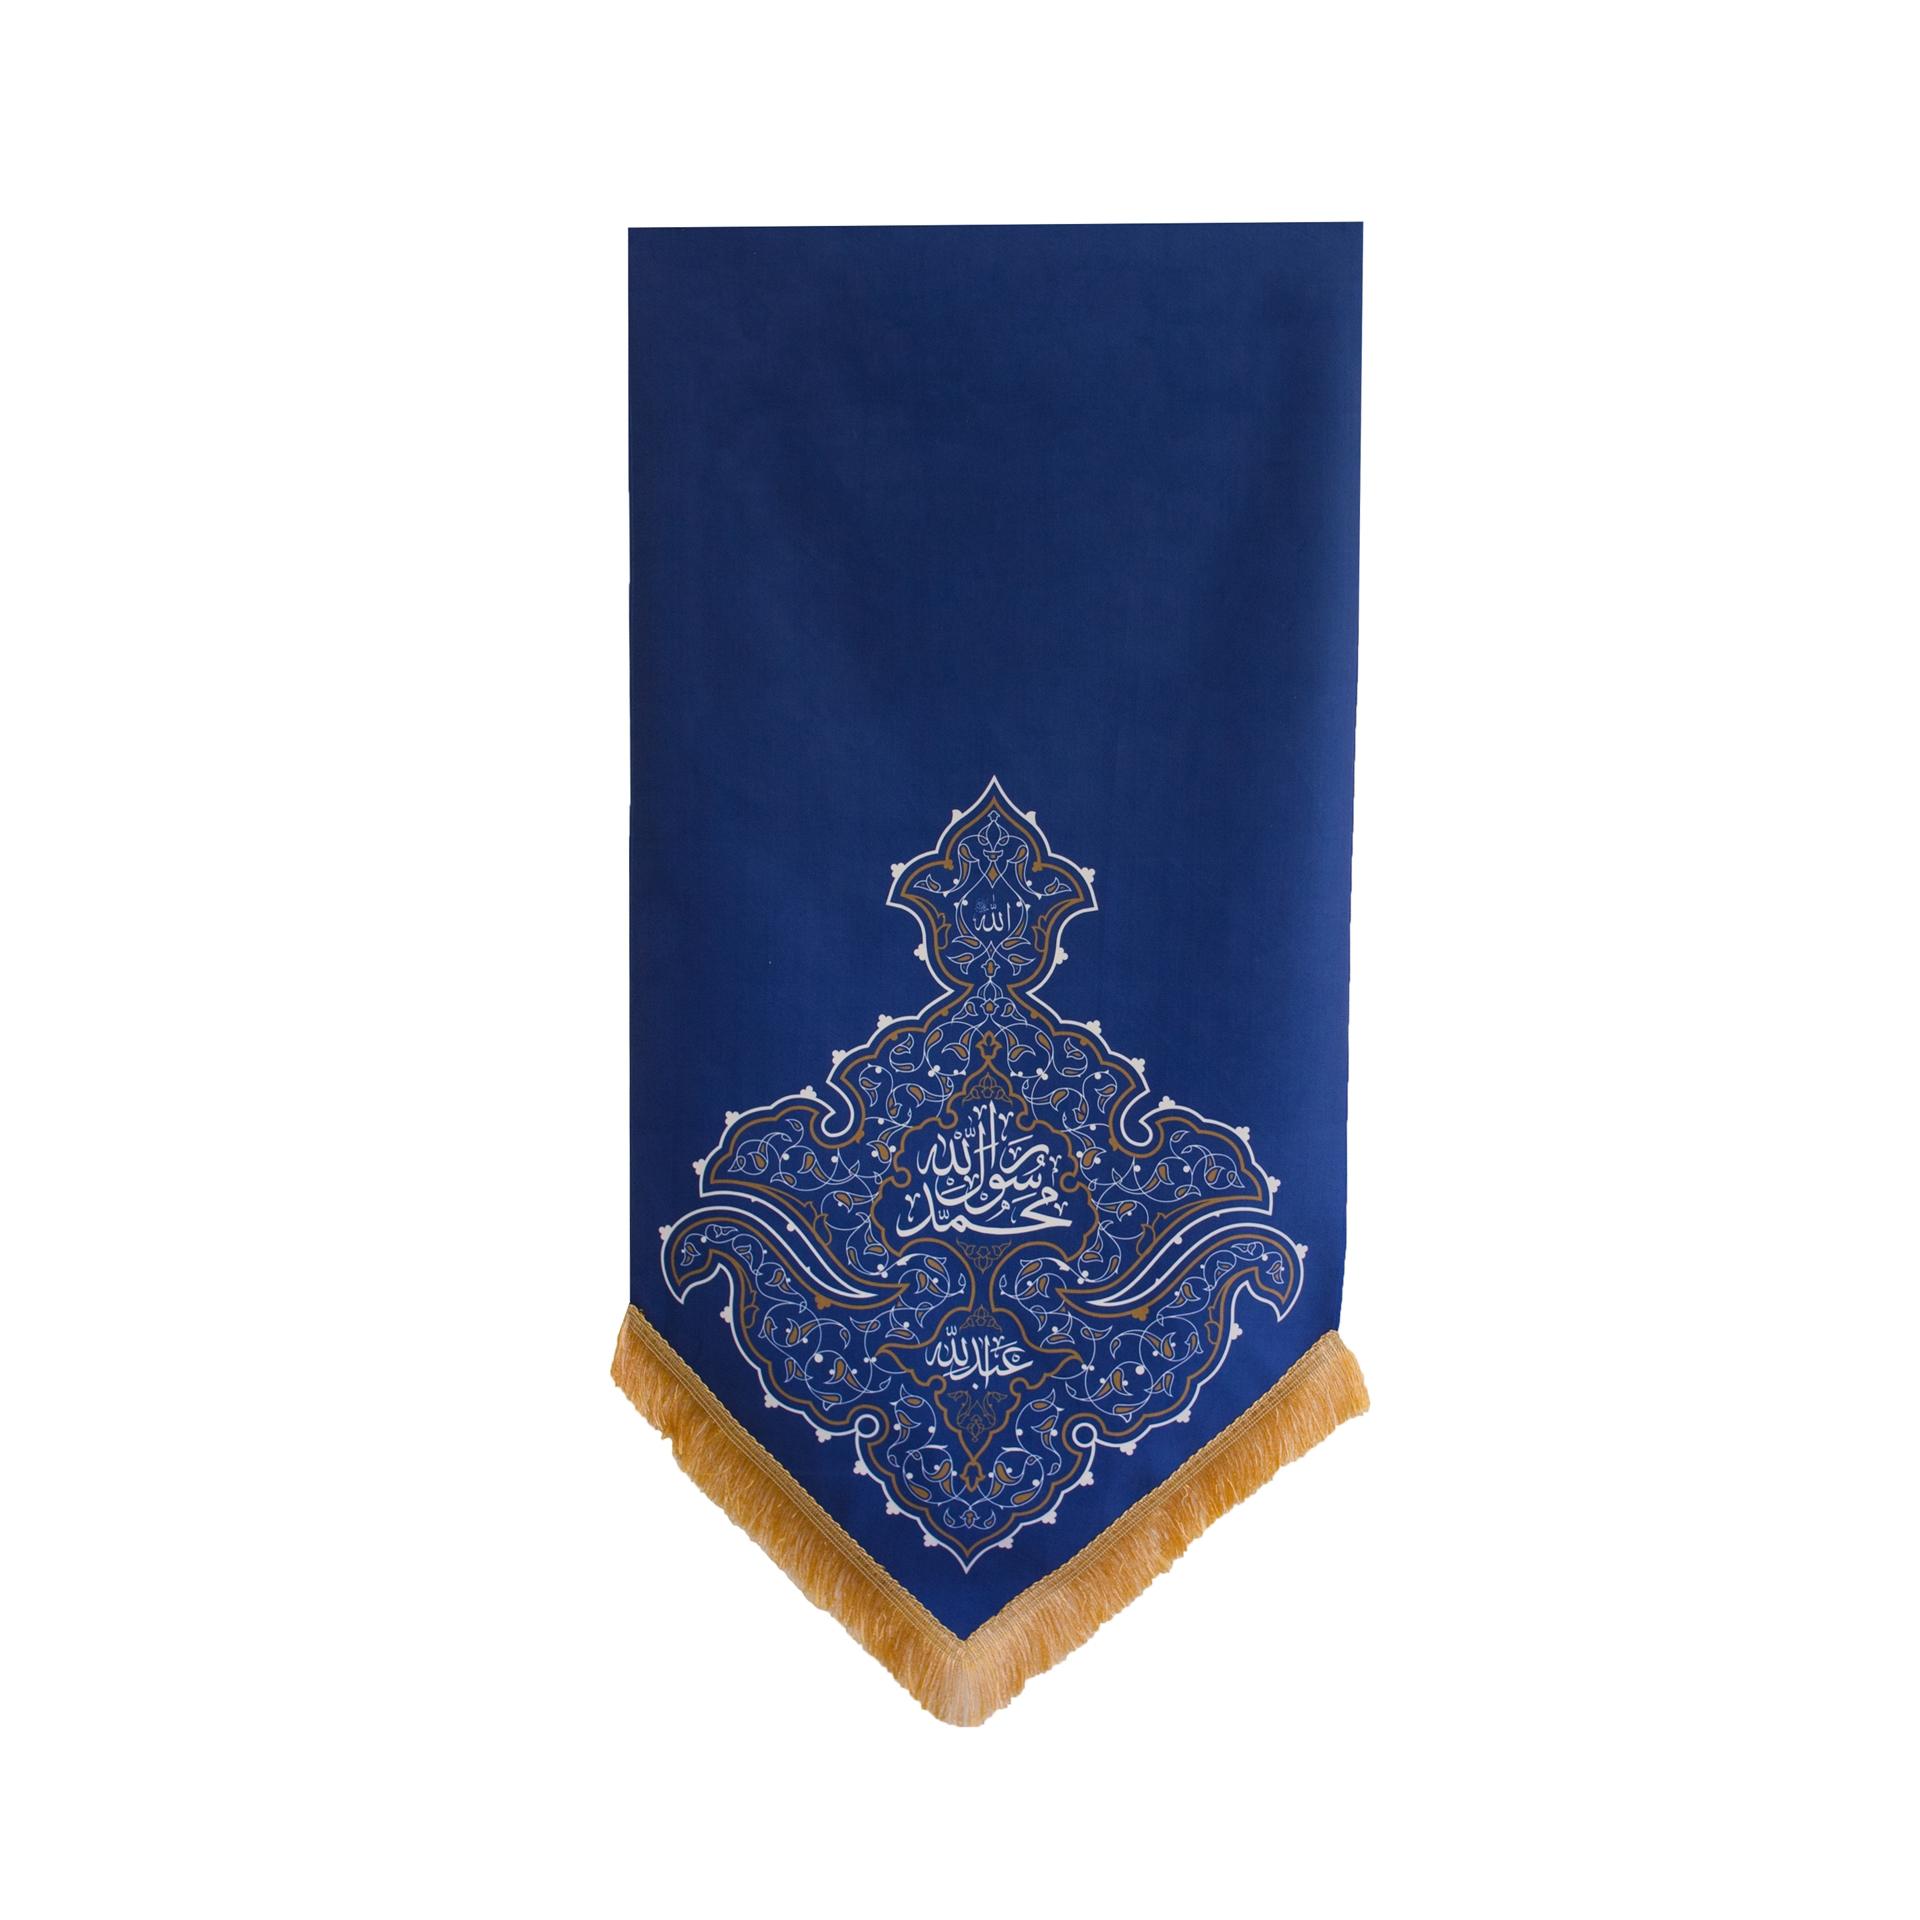 تصویر از بیرق مبعث طرح «محمد رسول الله»  ۷۵×۱۴۰ سانتیمتر